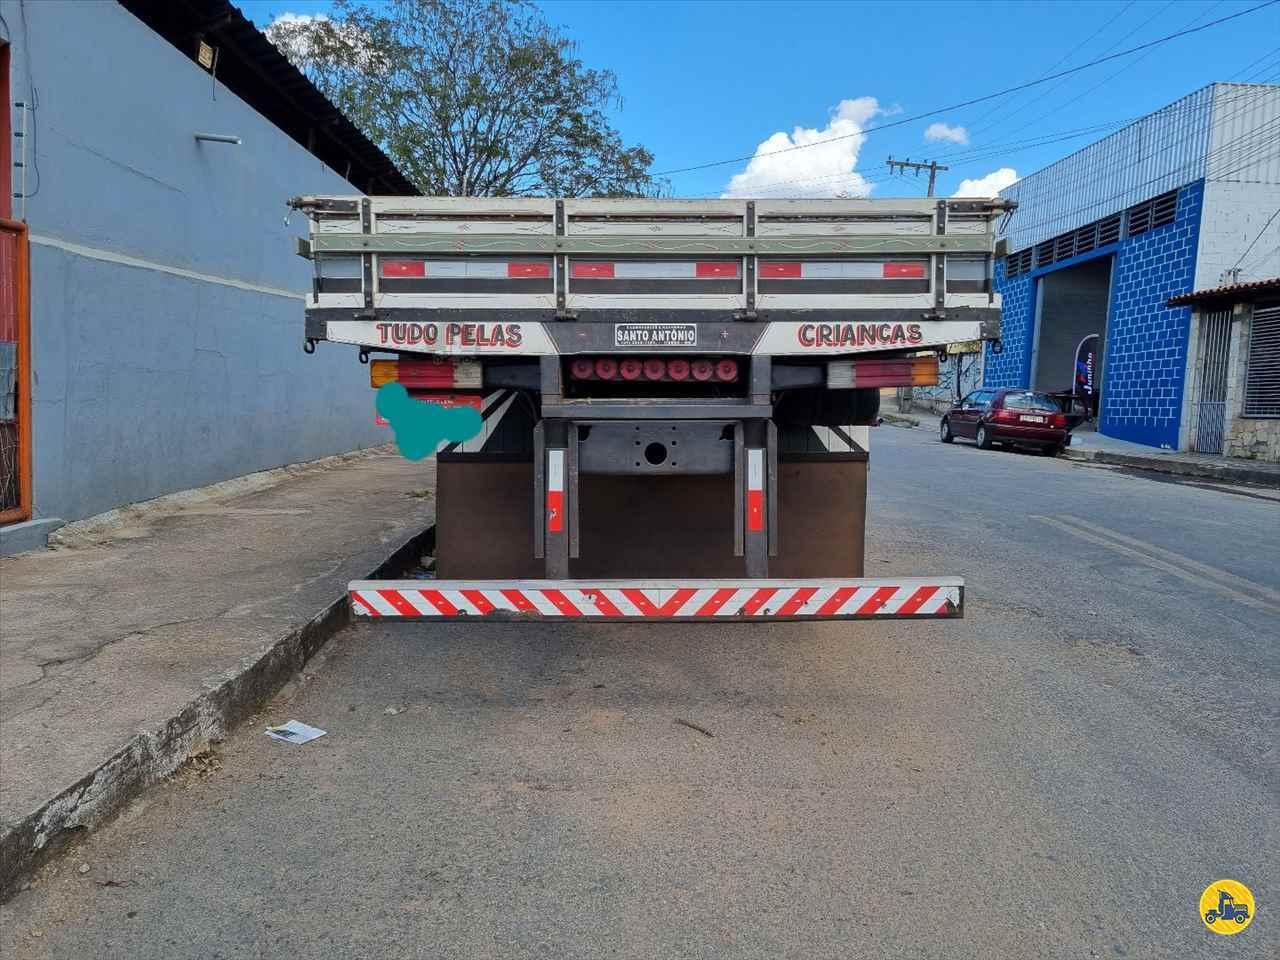 CAMINHAO MERCEDES-BENZ MB 2426 Carroceria Cabine Suplementar Truck 6x2 Taquinho Caminhões DIVINOPOLIS MINAS GERAIS MG